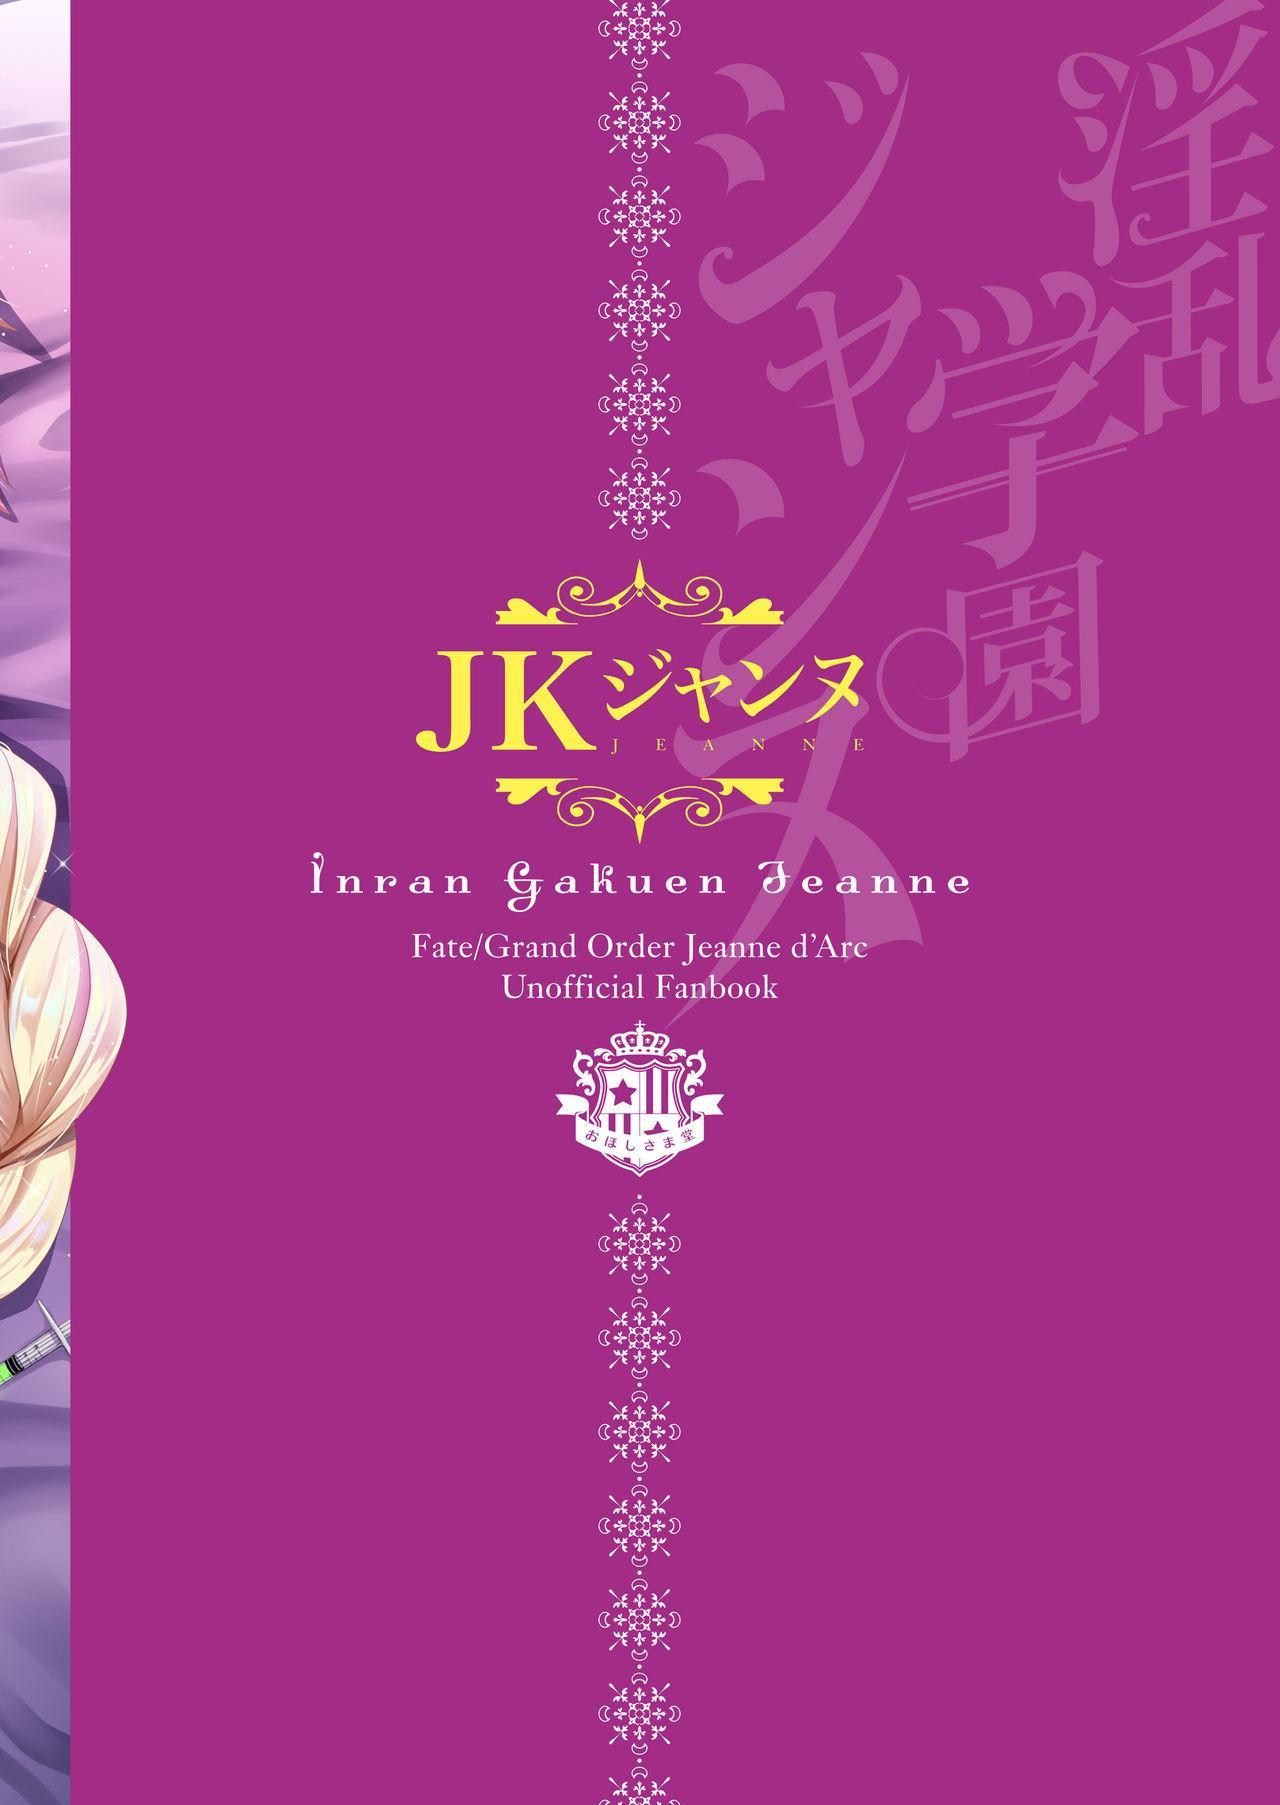 Inran Gakuen Jeanne 21